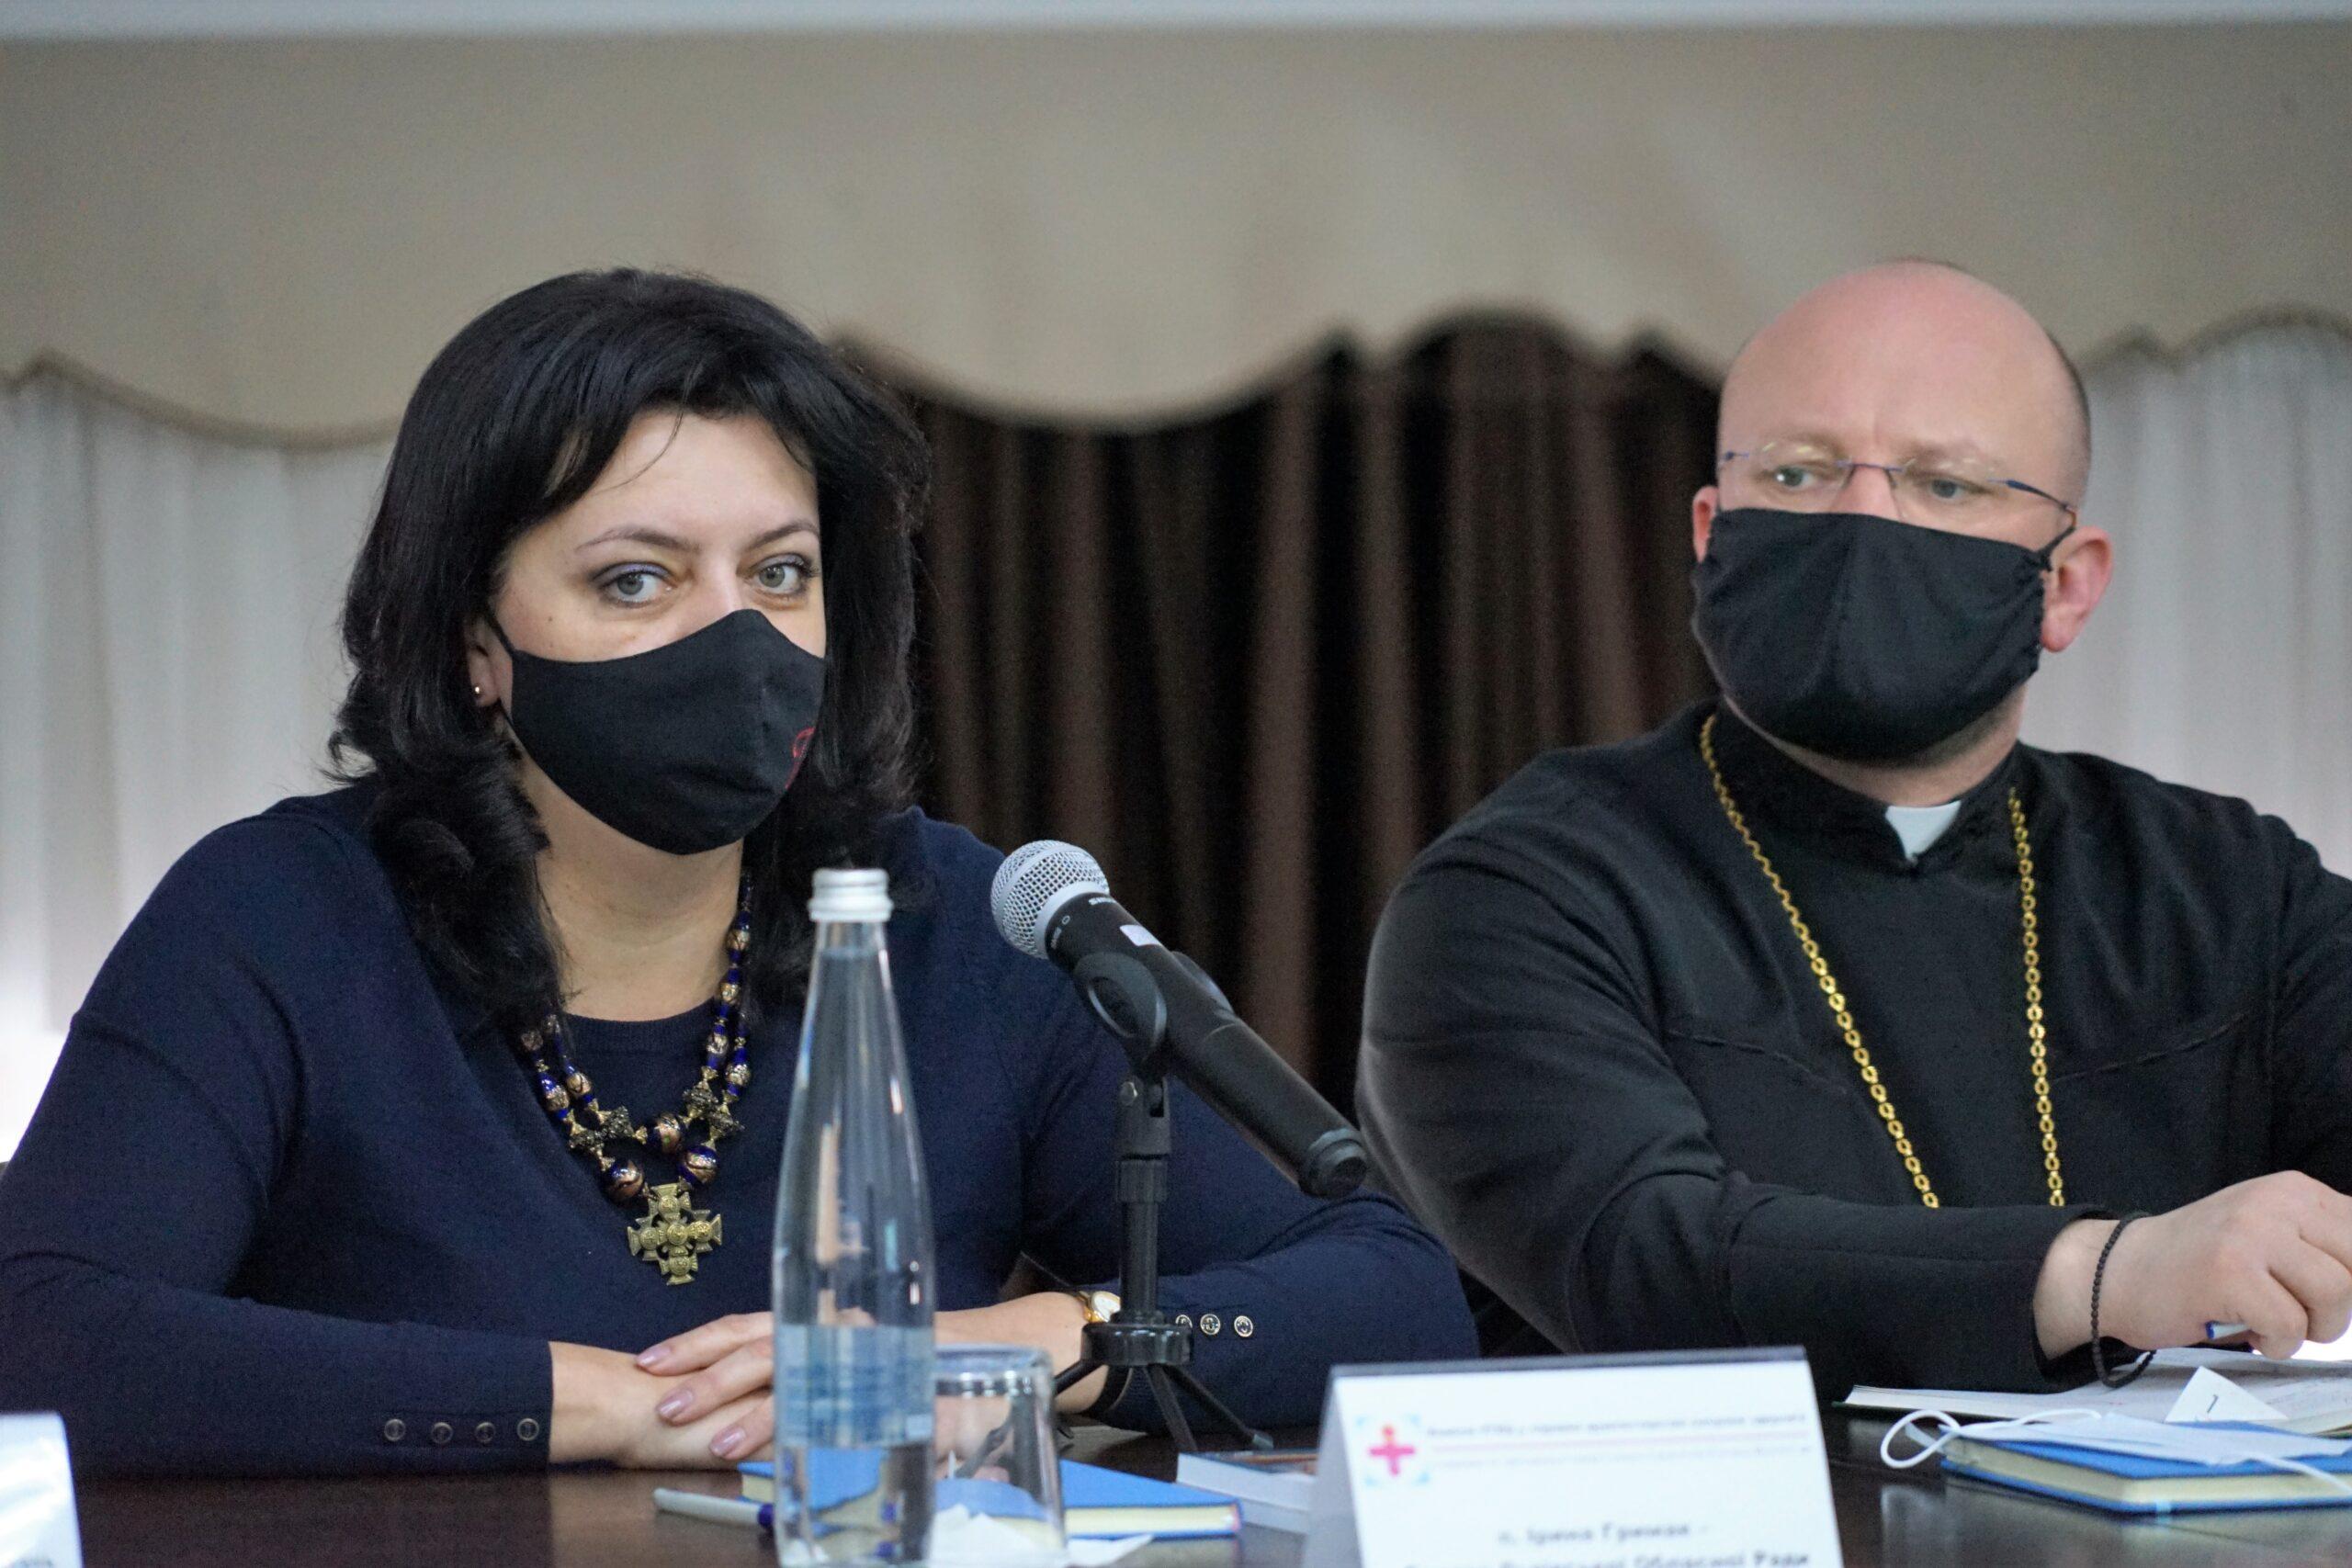 Перспективи розвитку медичного капеланства в Україні обговорили під час круглого столу у Львові_4